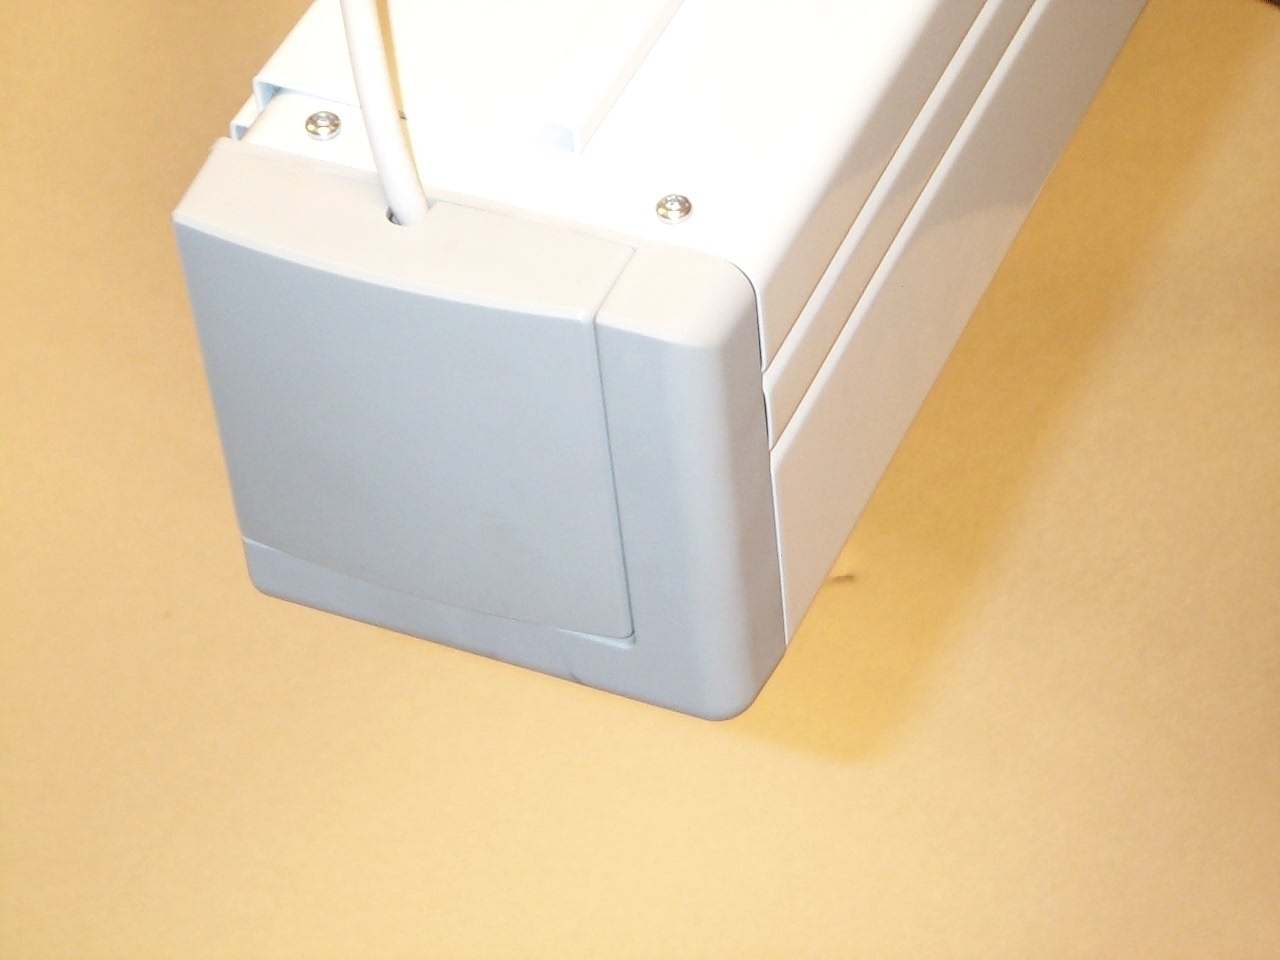 """Projecta Elpro Electrol 138x180 Matte White M 84"""" 4:3 schermo per proiettore"""